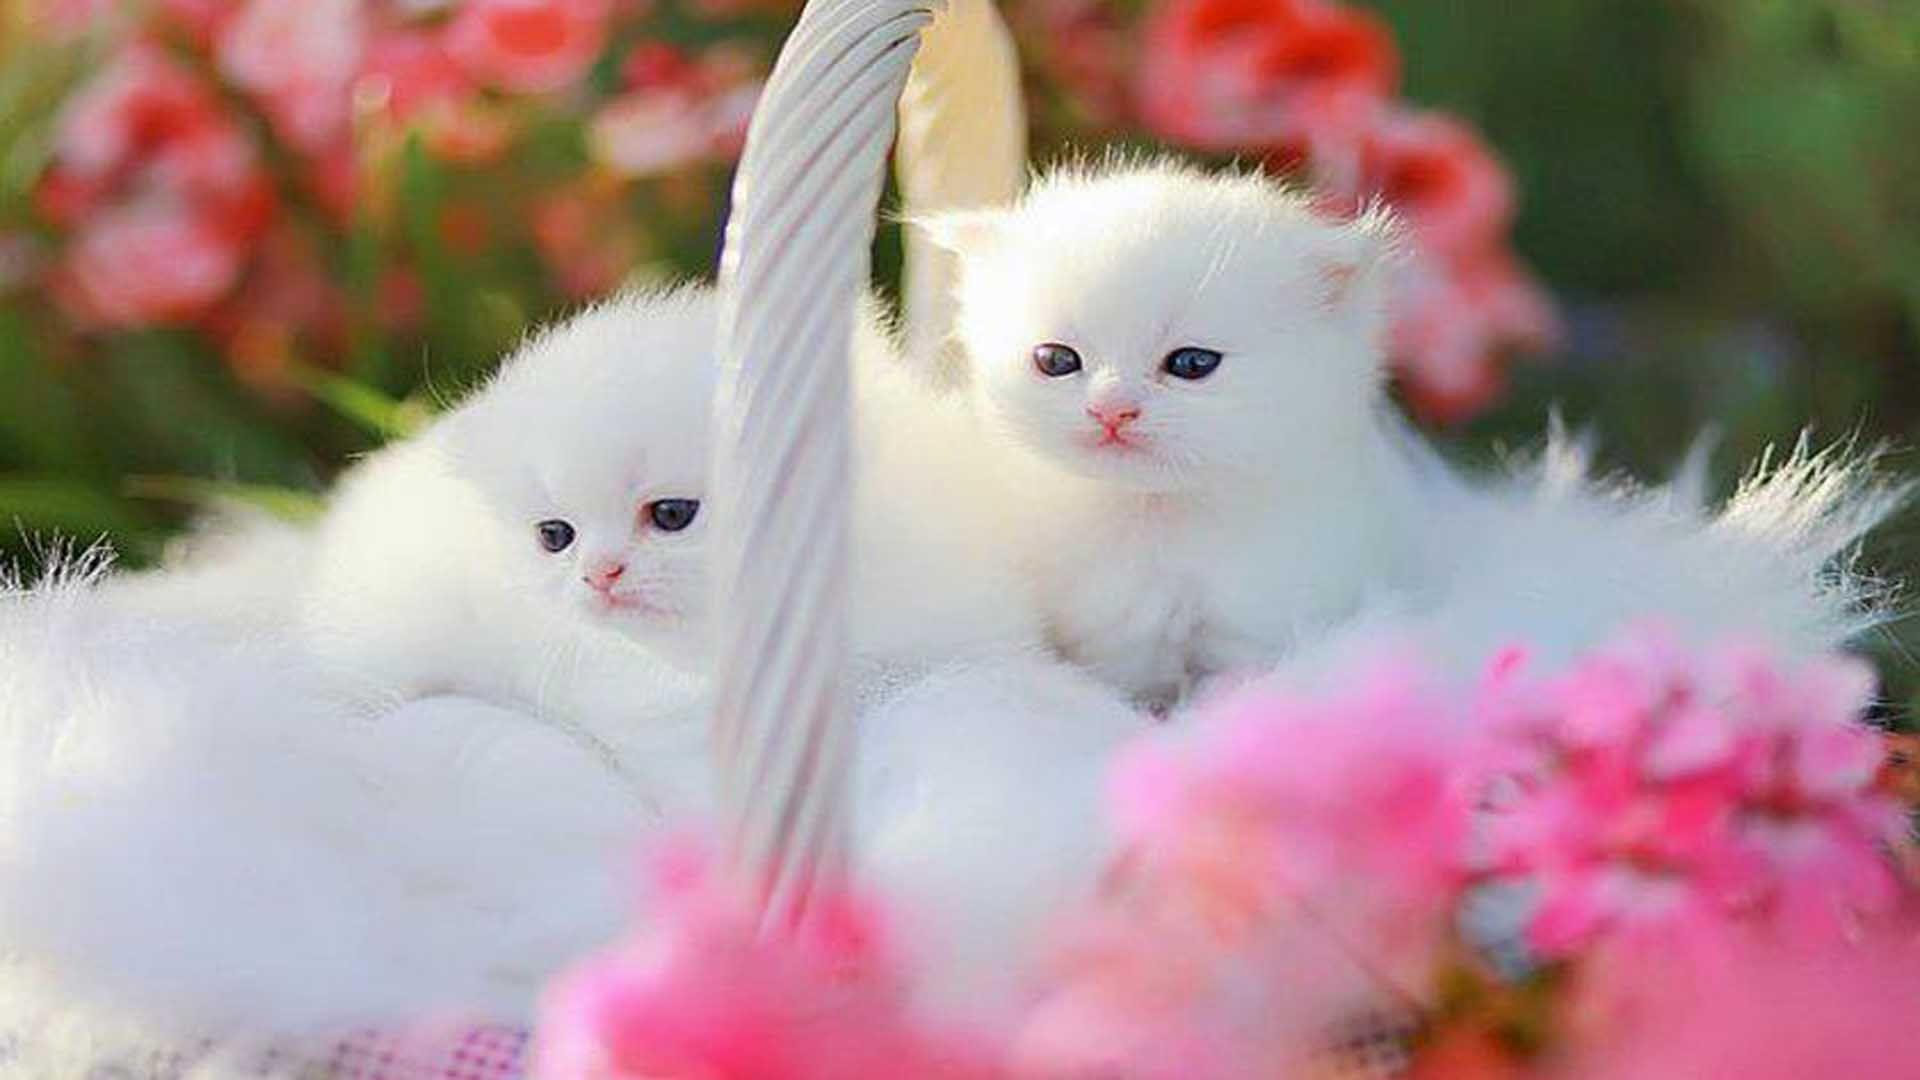 Ziua Internațională a Pisicii - Cum sărbătorim? - Pisica Ta |Ziua Internațională A Pisicii